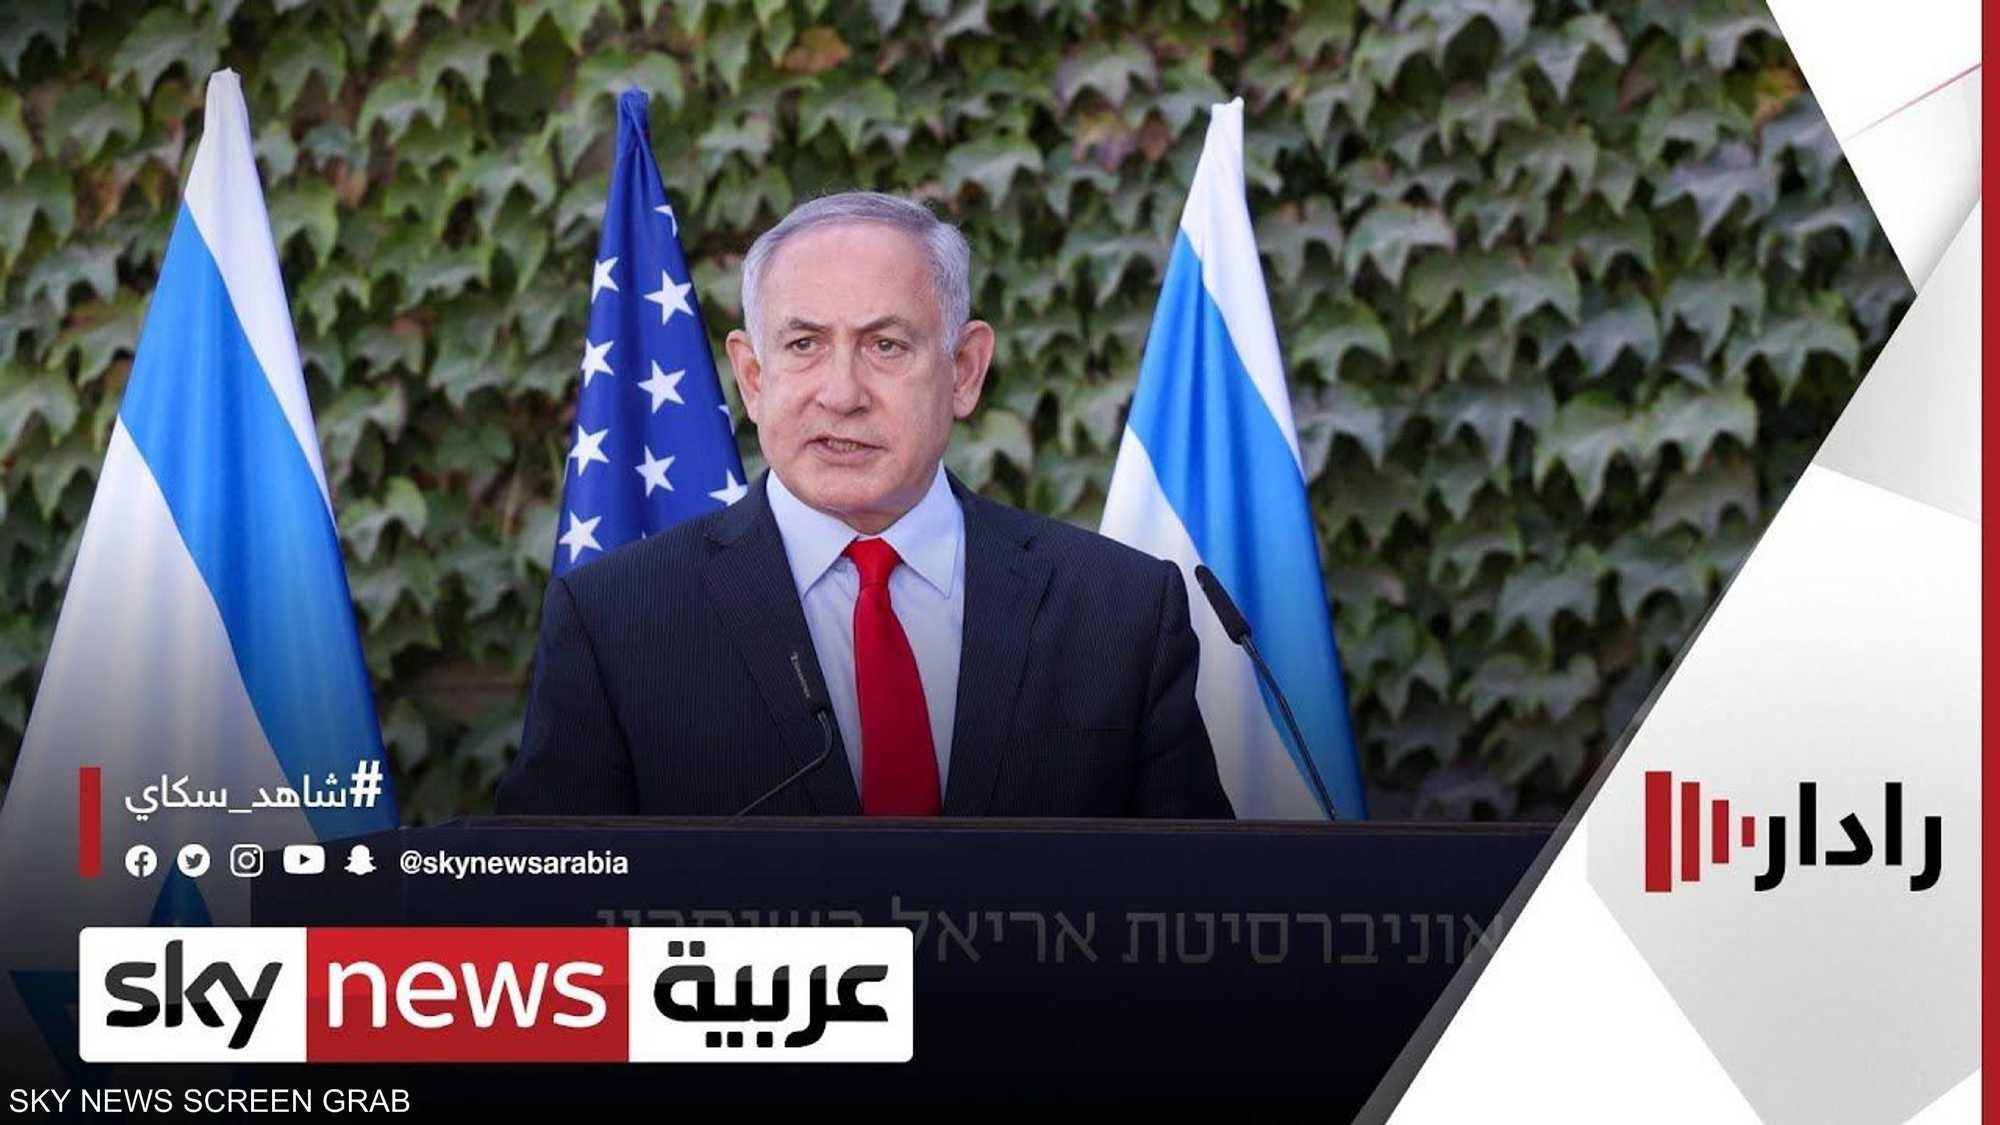 نتانياهو: حلم السلام الحقيقي في المنطقة يتحول إلى واقع